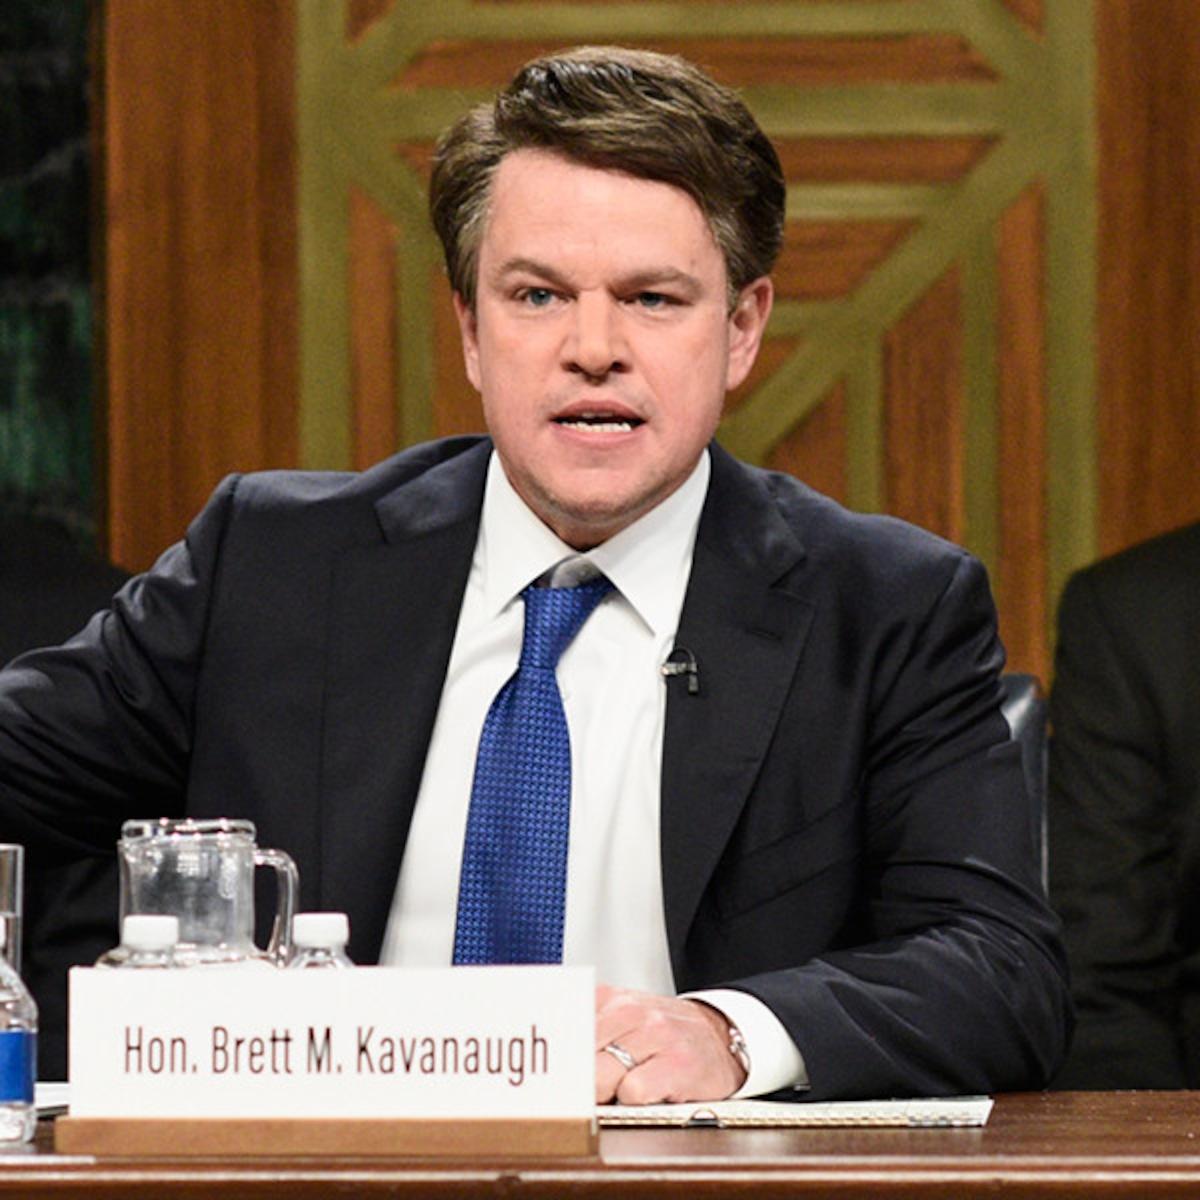 Matt Damon Makes Surprise Appearance as Brett Kavanaugh on SNL - E! Online